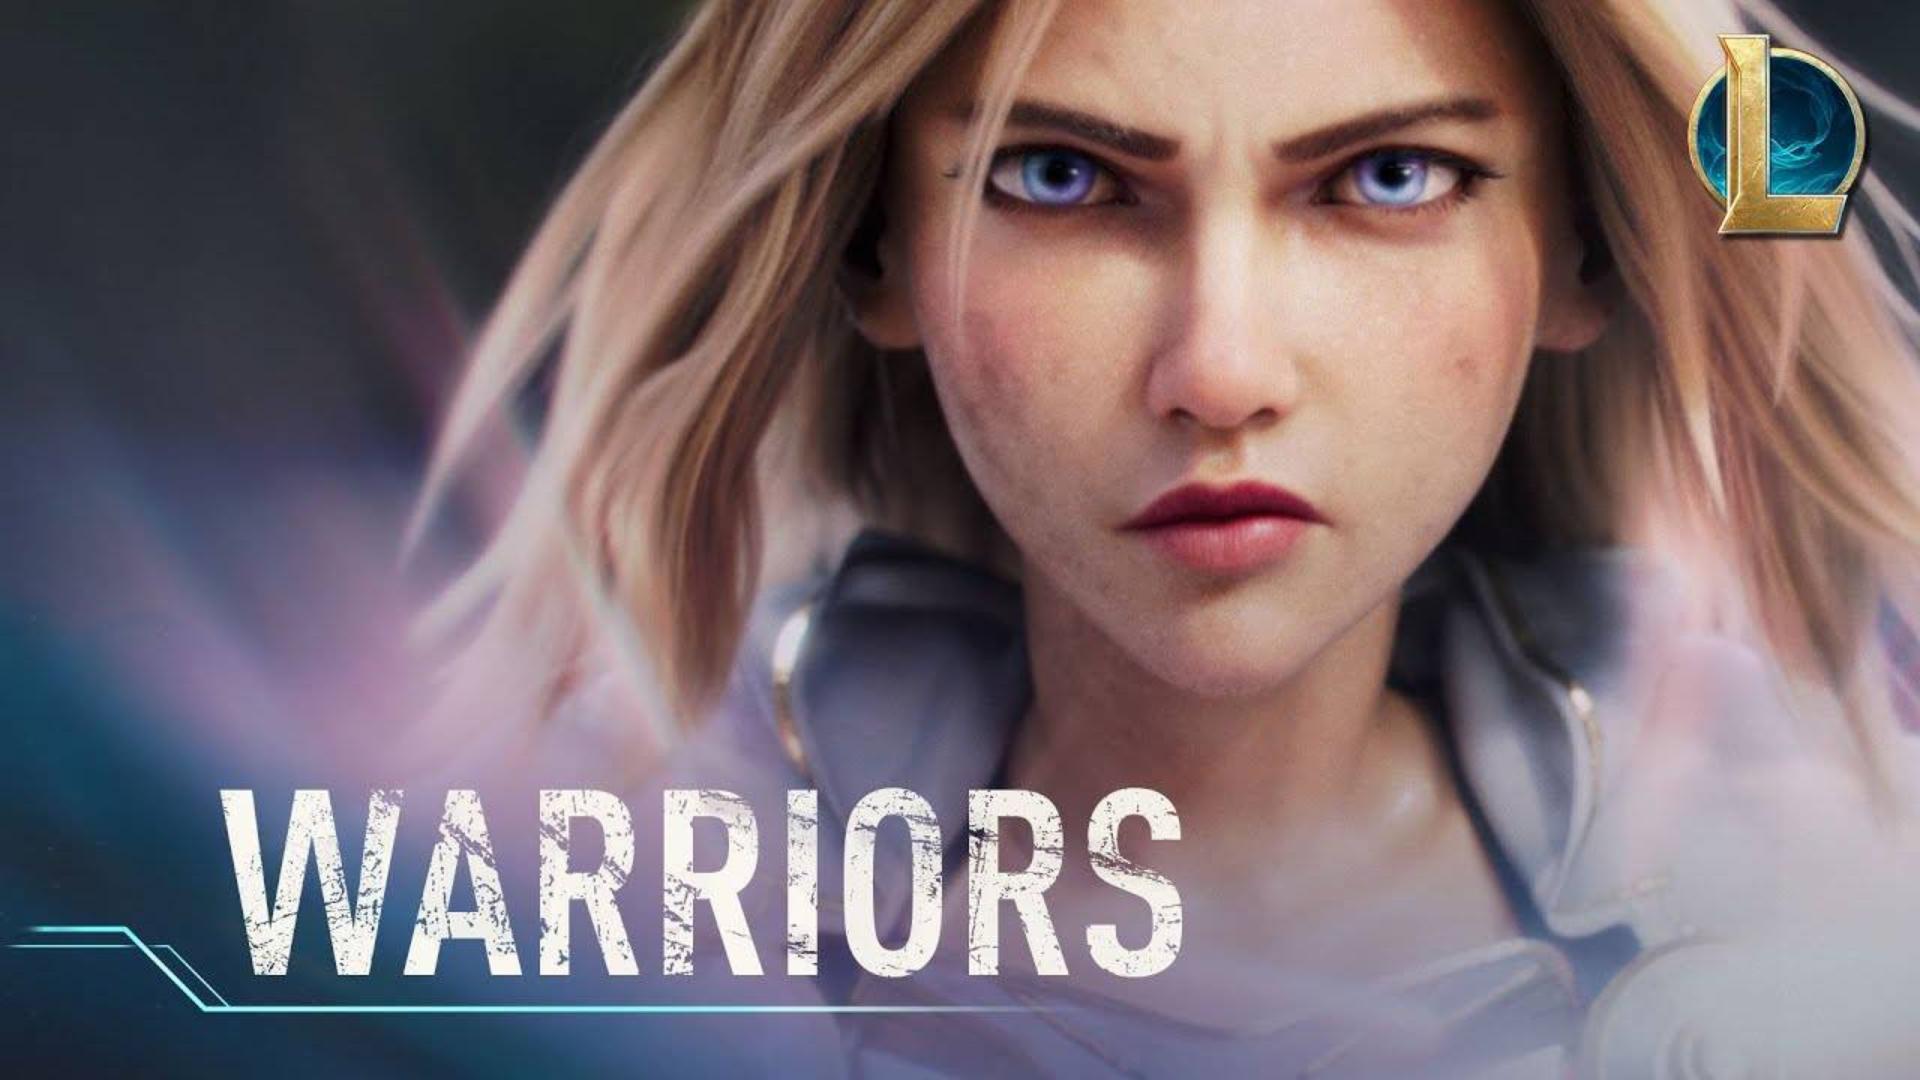 英雄联盟S10赛季CG预告 - Warriors